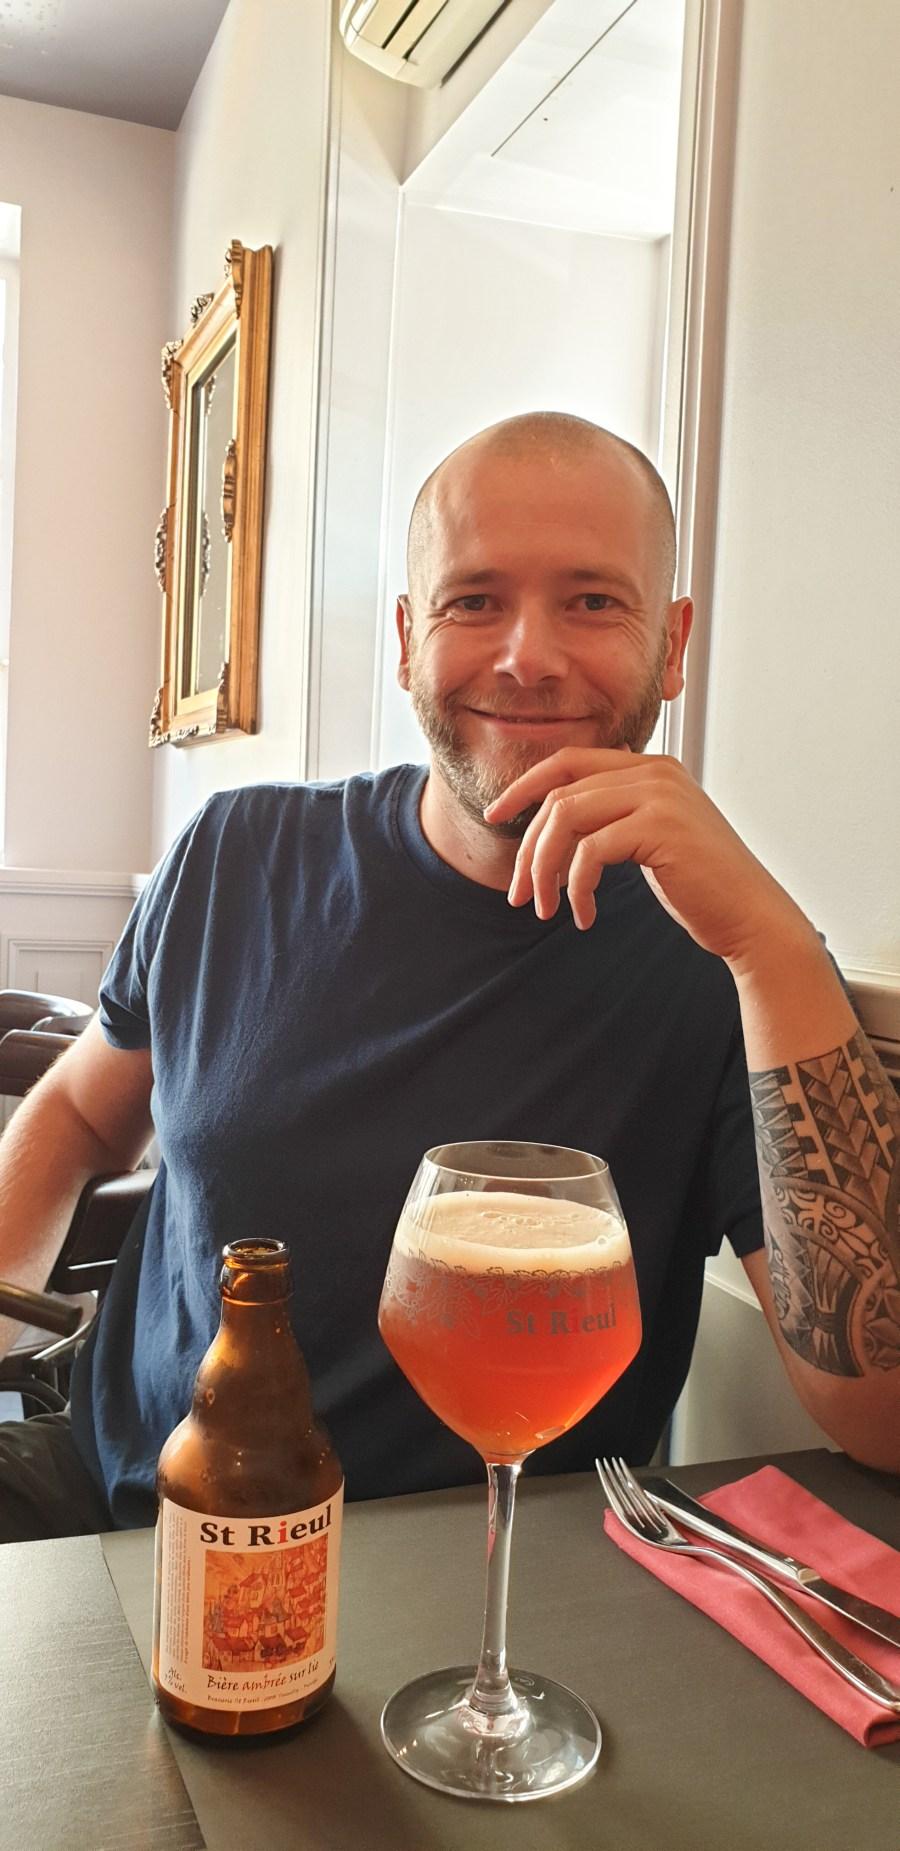 Bière St Rieul à Senlis